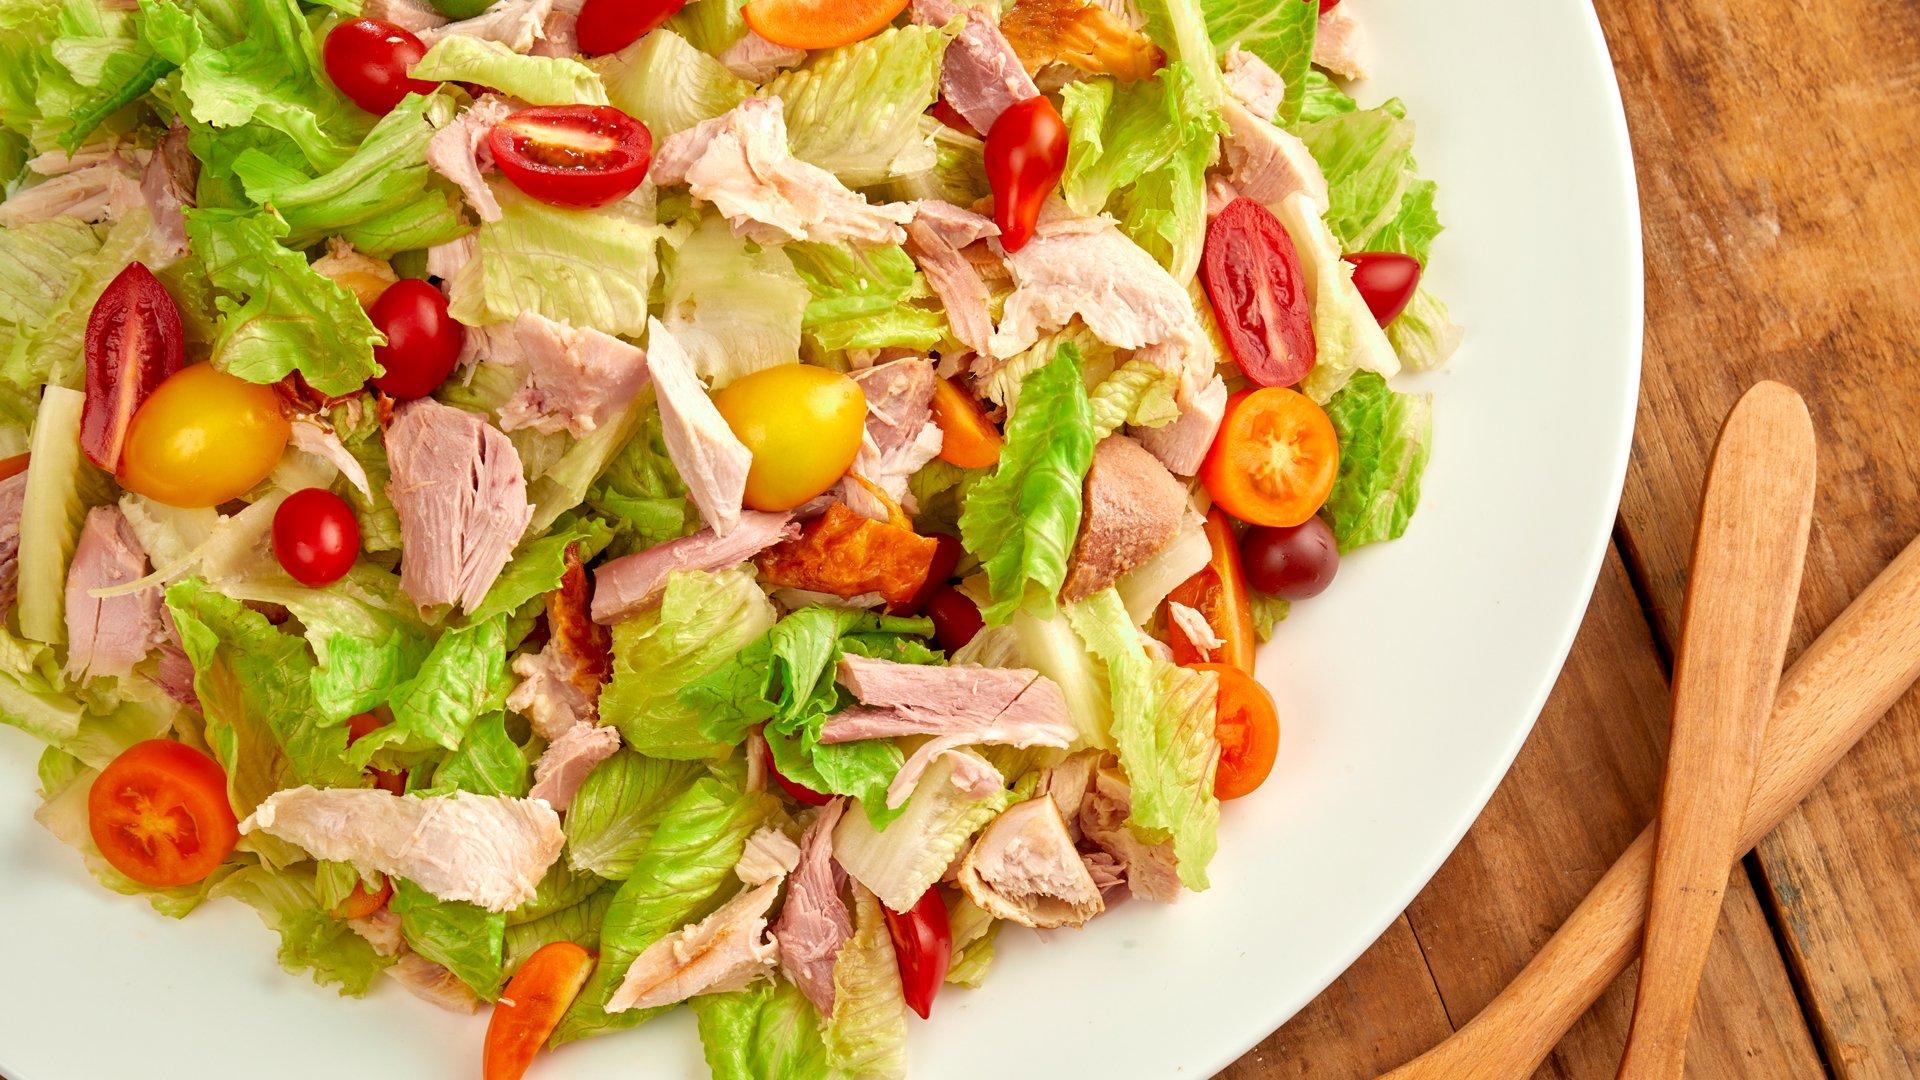 油醋火雞肉生菜沙拉